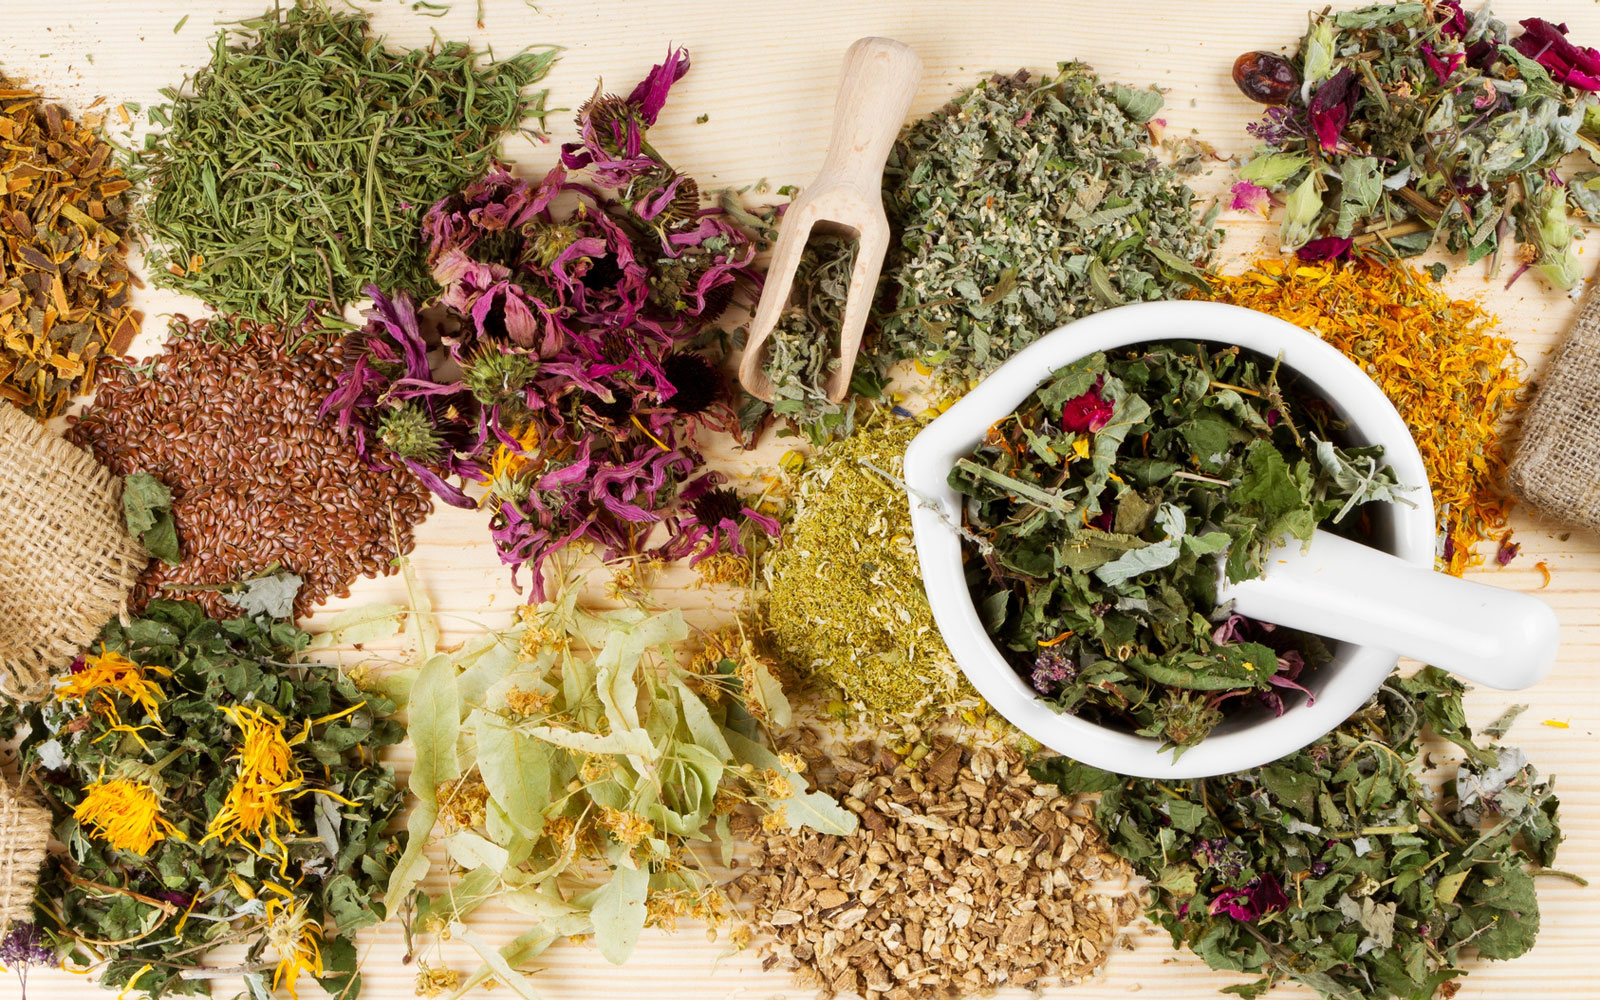 Сборы трав, которые нужно принимать, чтобы быстро сбросить вес без вреда для здоровья